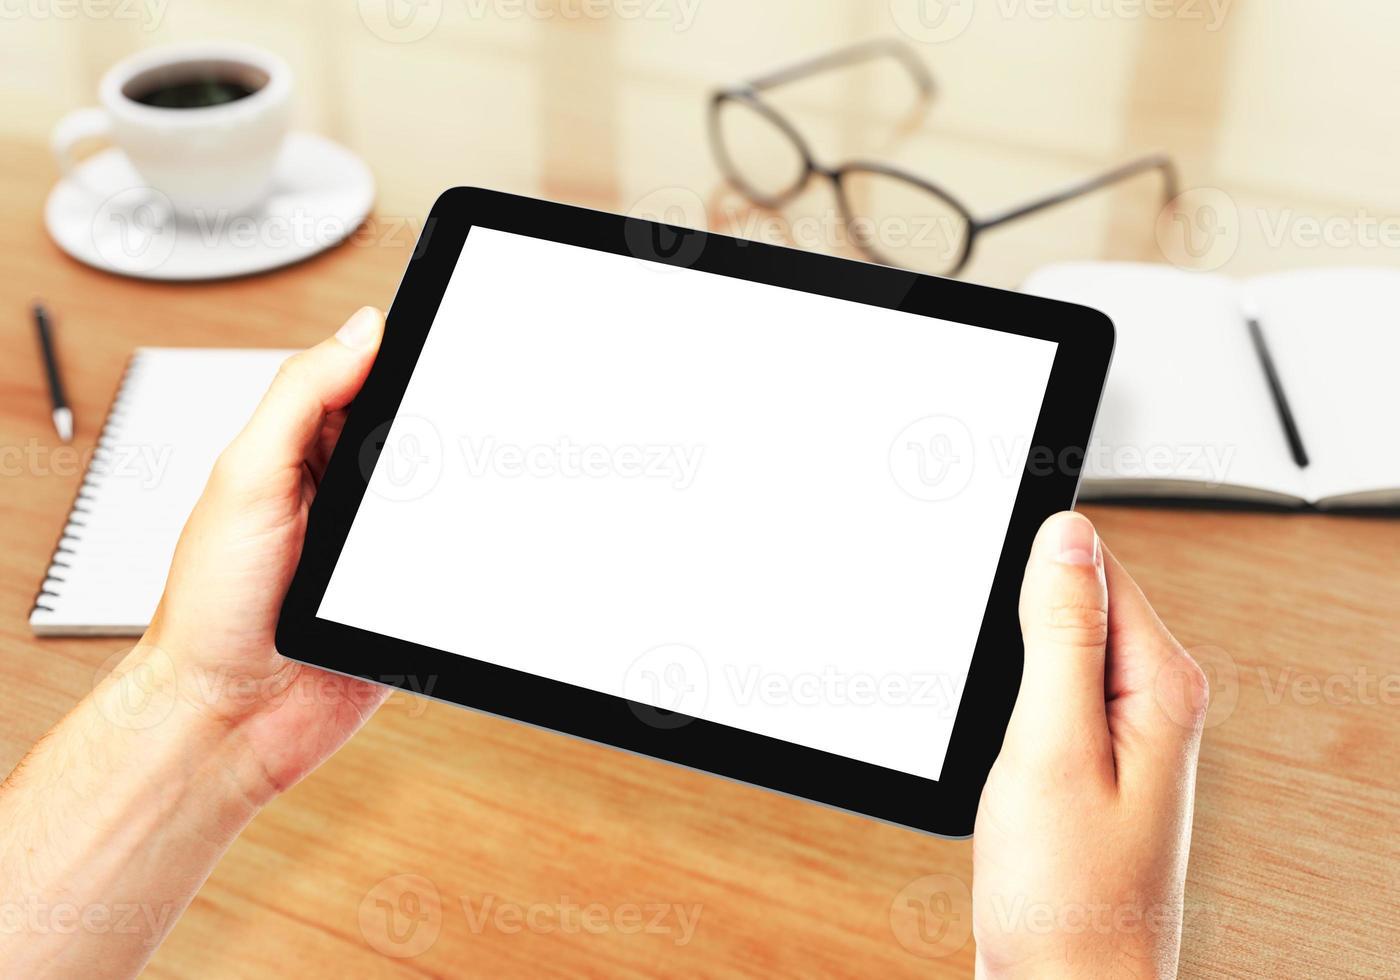 mãos segurando um tablet, óculos e cadernos no fundo foto